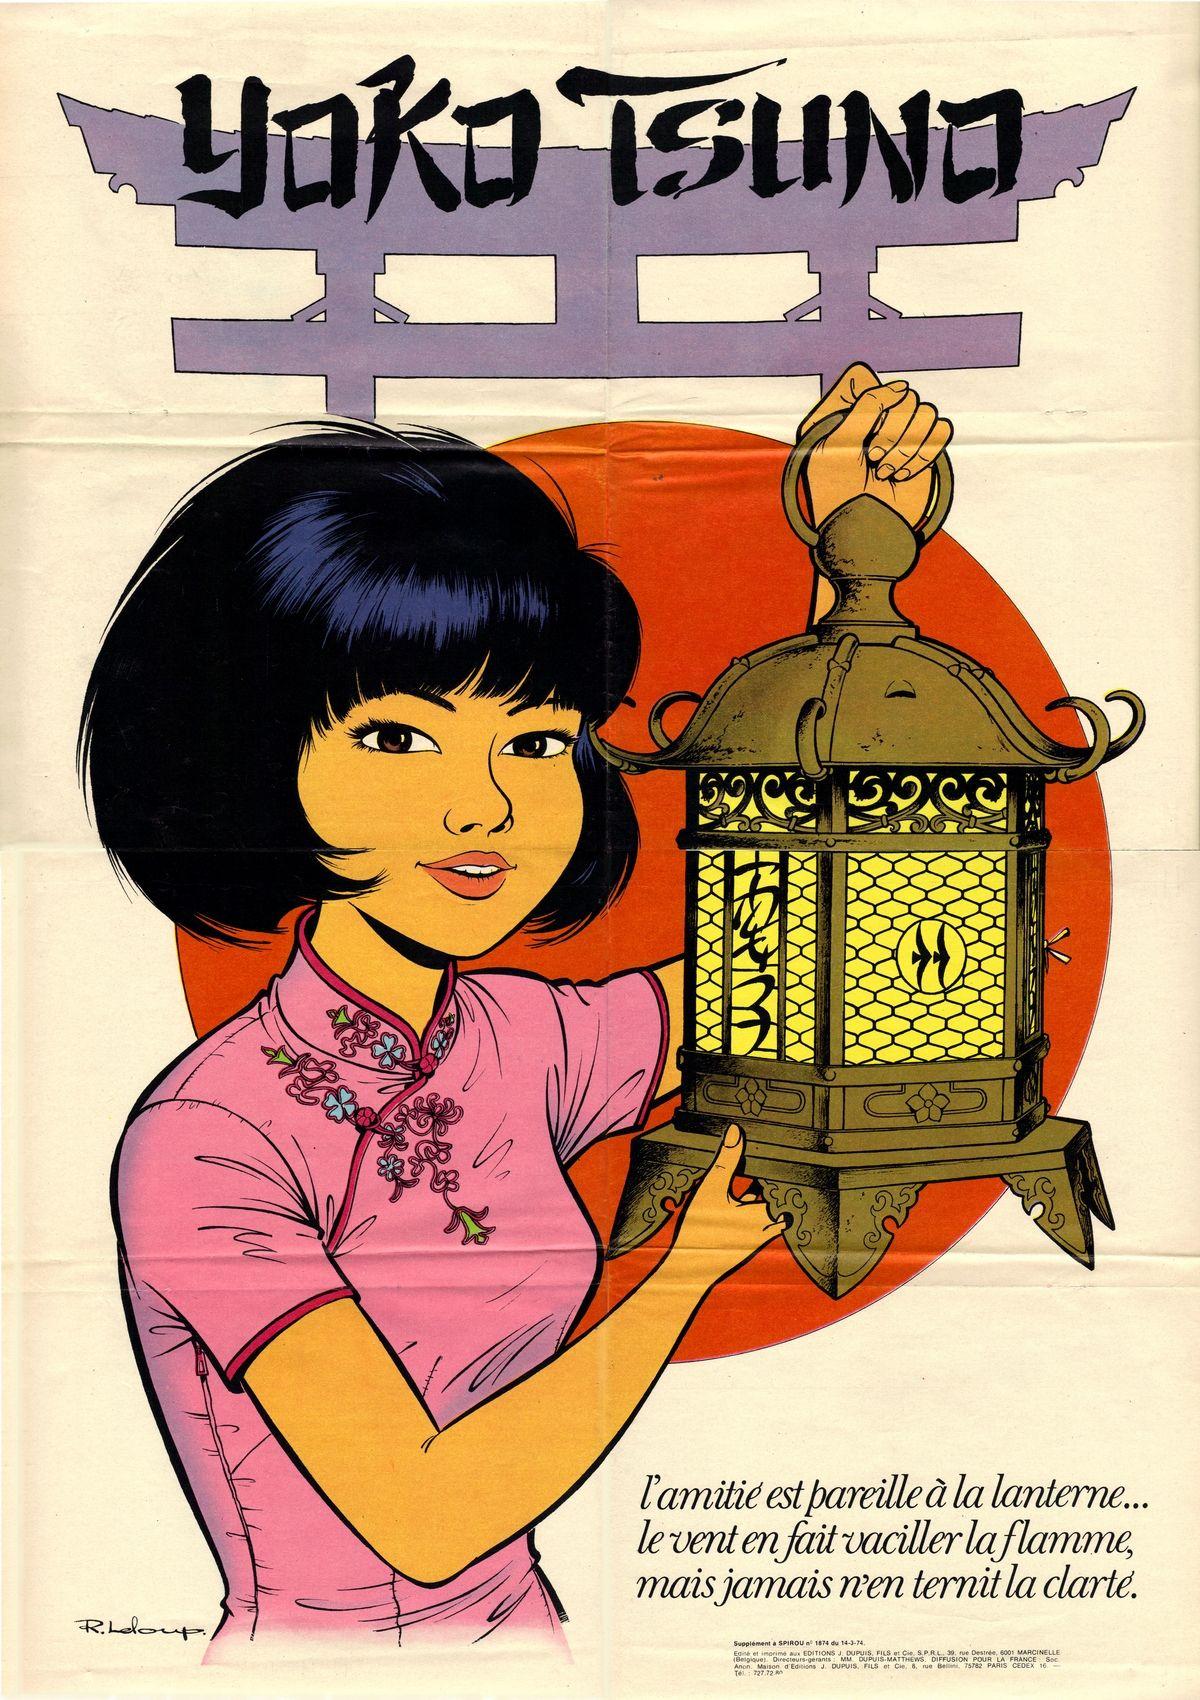 Yoko tsuno b d coin bd personnages bd dessin - Comics dessin ...